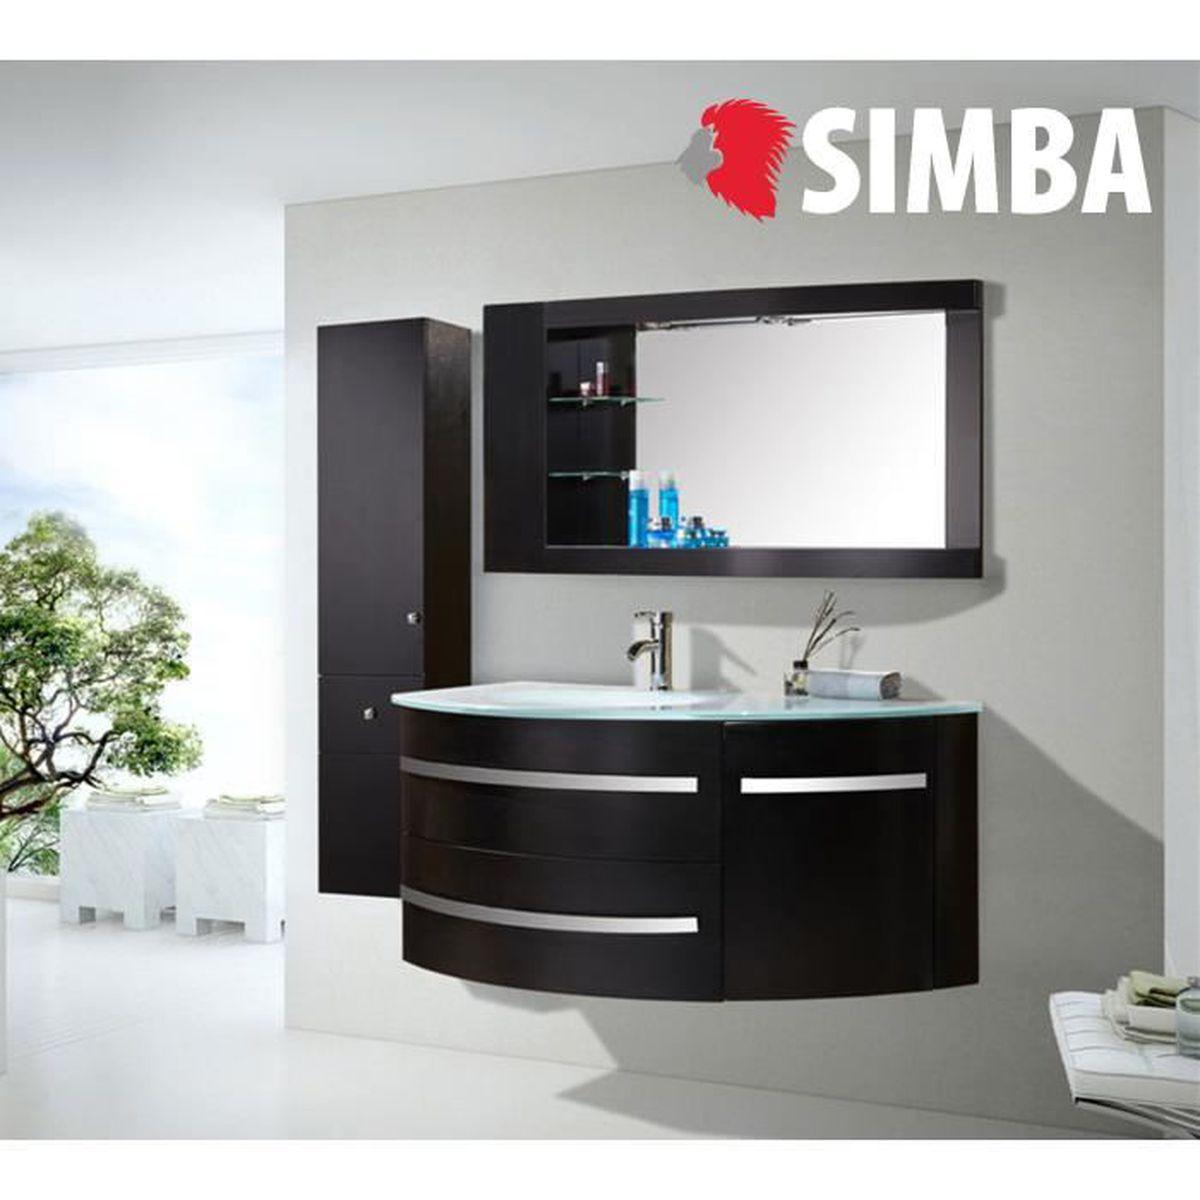 Evier Meuble Salle De Bain meuble salle de bain noir vasque luxe, lavabo ,mod. black